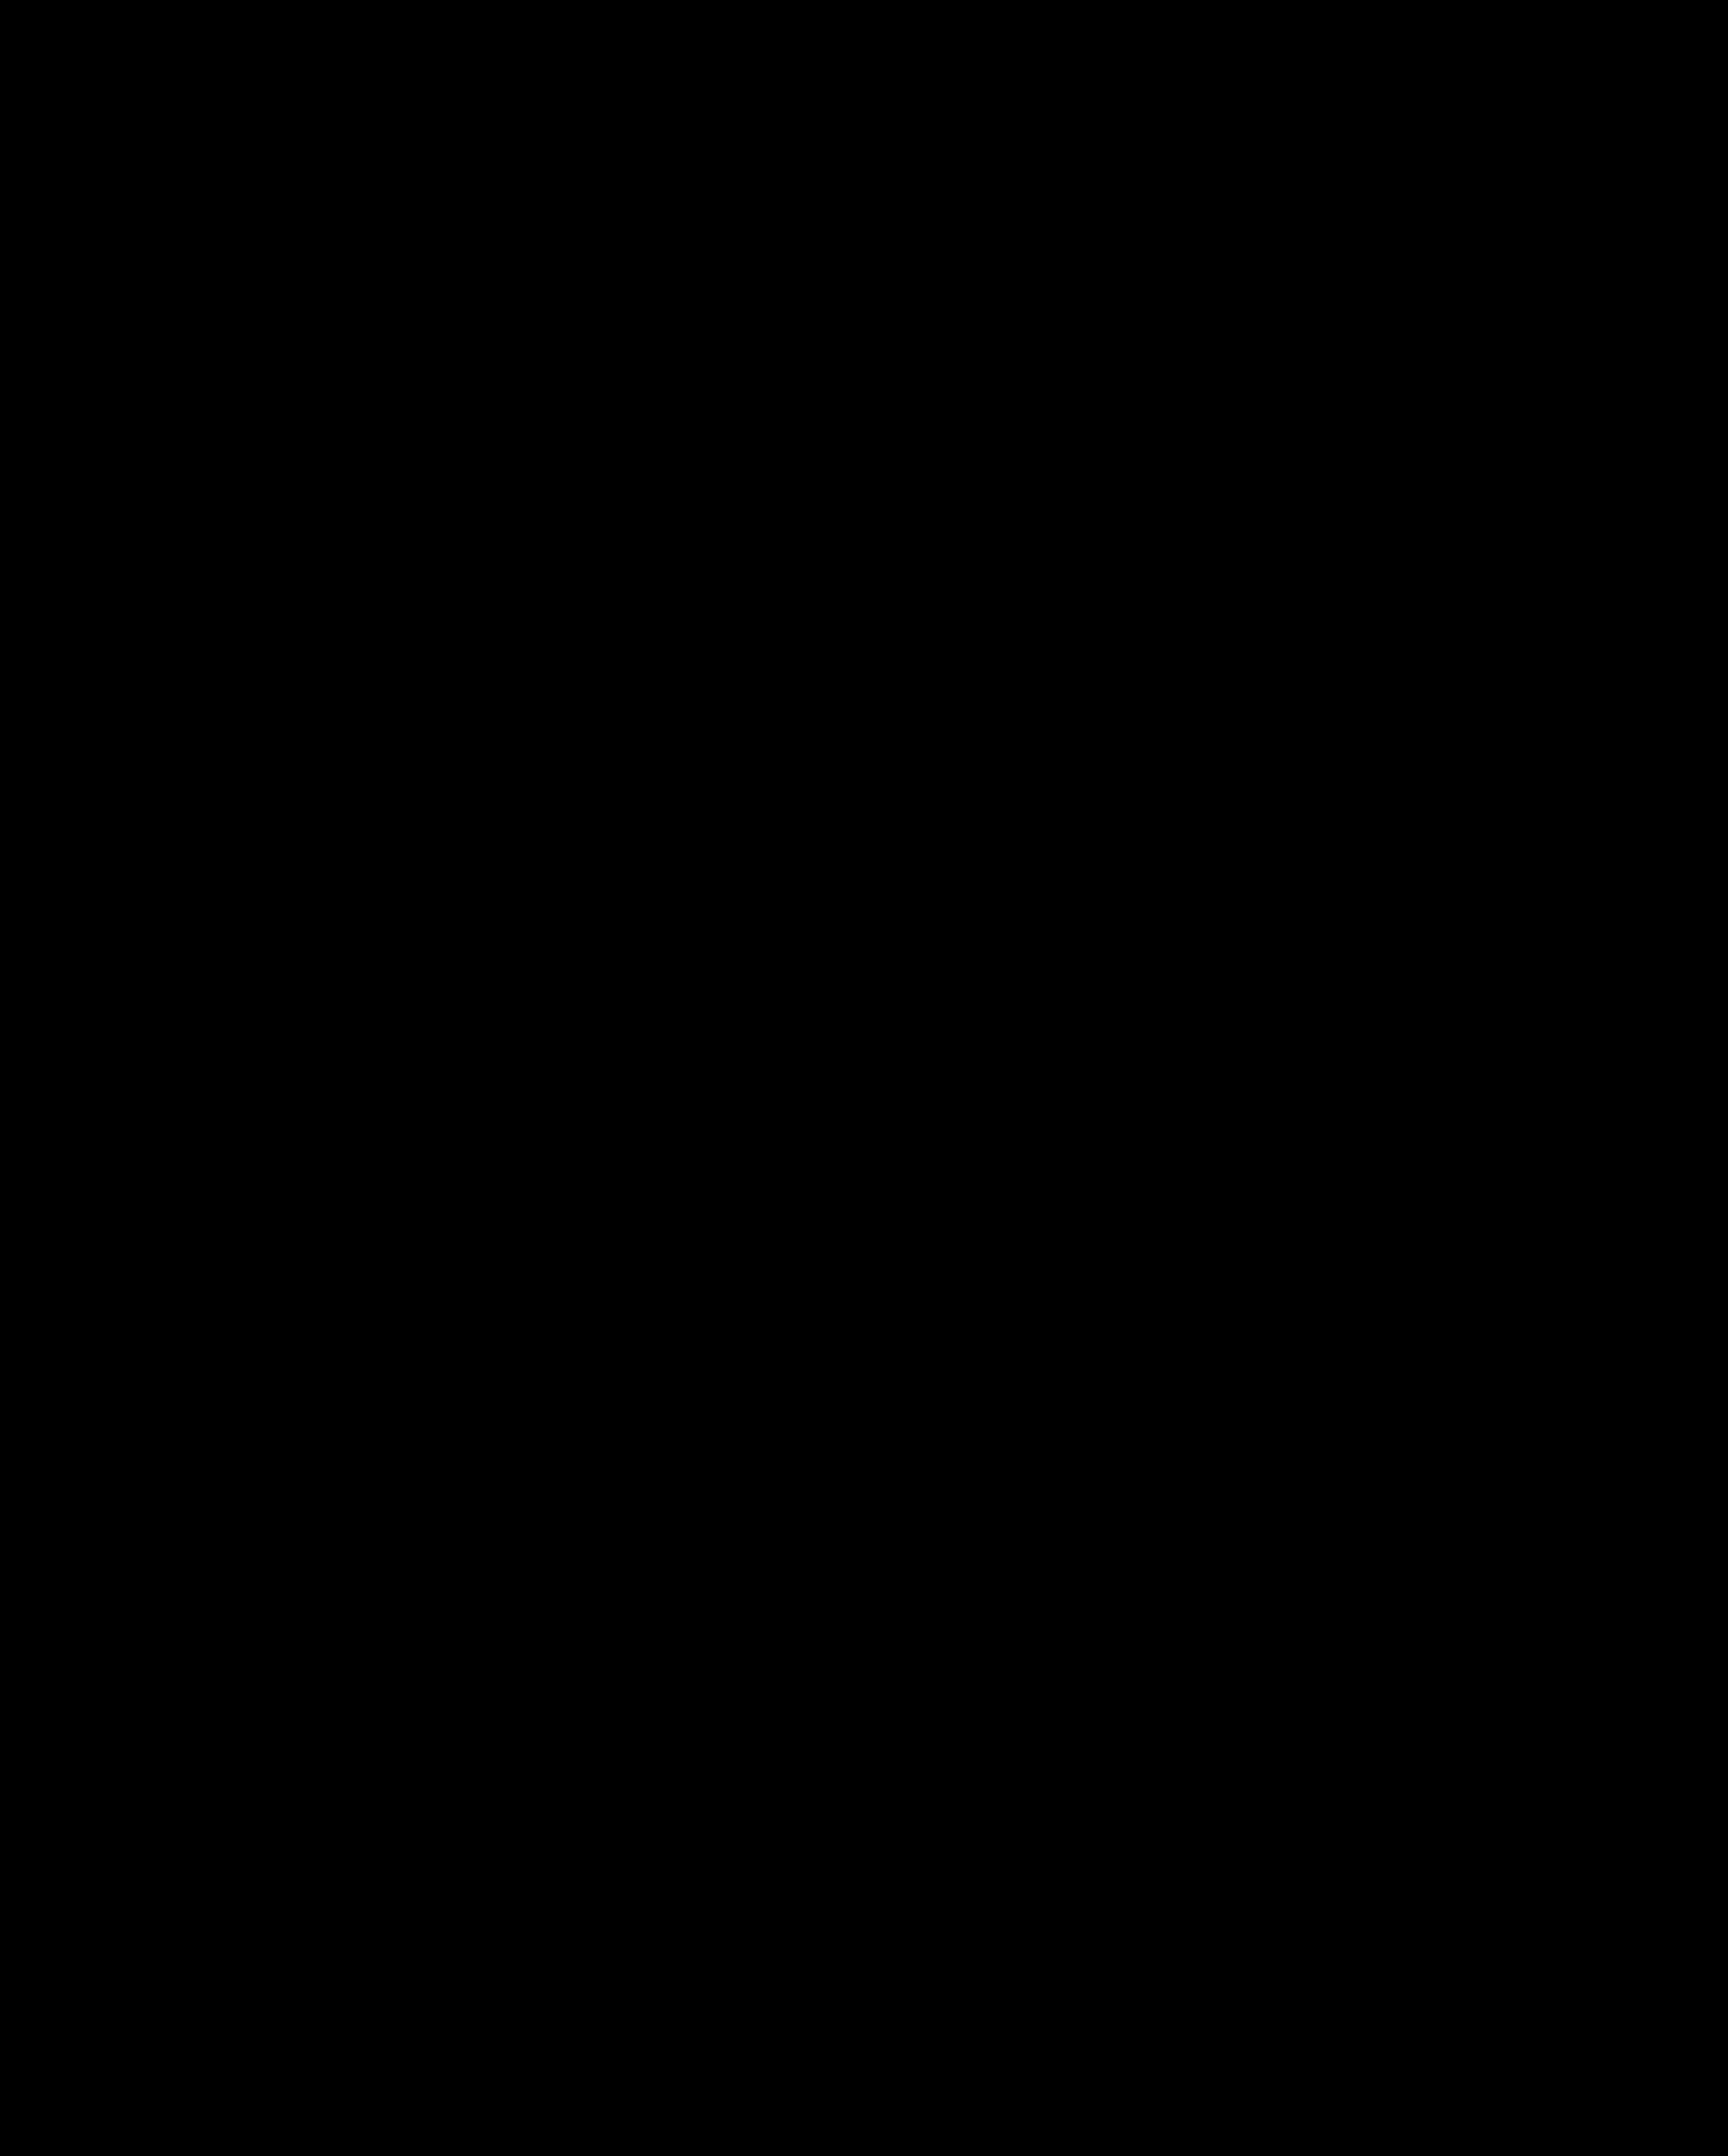 Evjen Agency